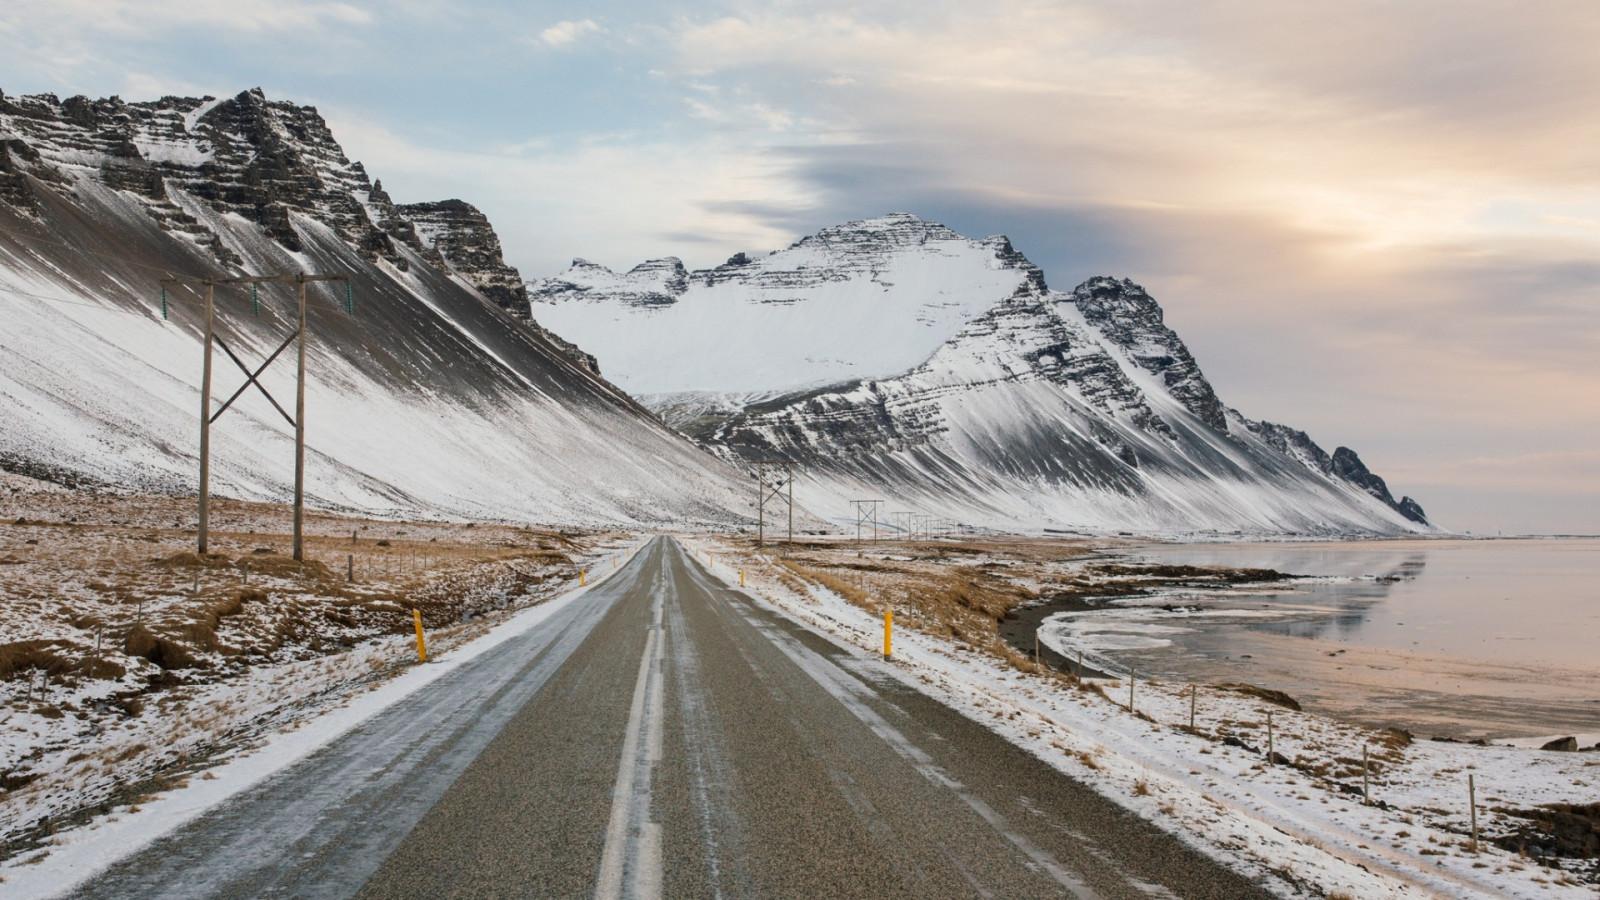 fond d 39 cran paysage montagnes lac la nature neige hiver route des nuages la glace. Black Bedroom Furniture Sets. Home Design Ideas